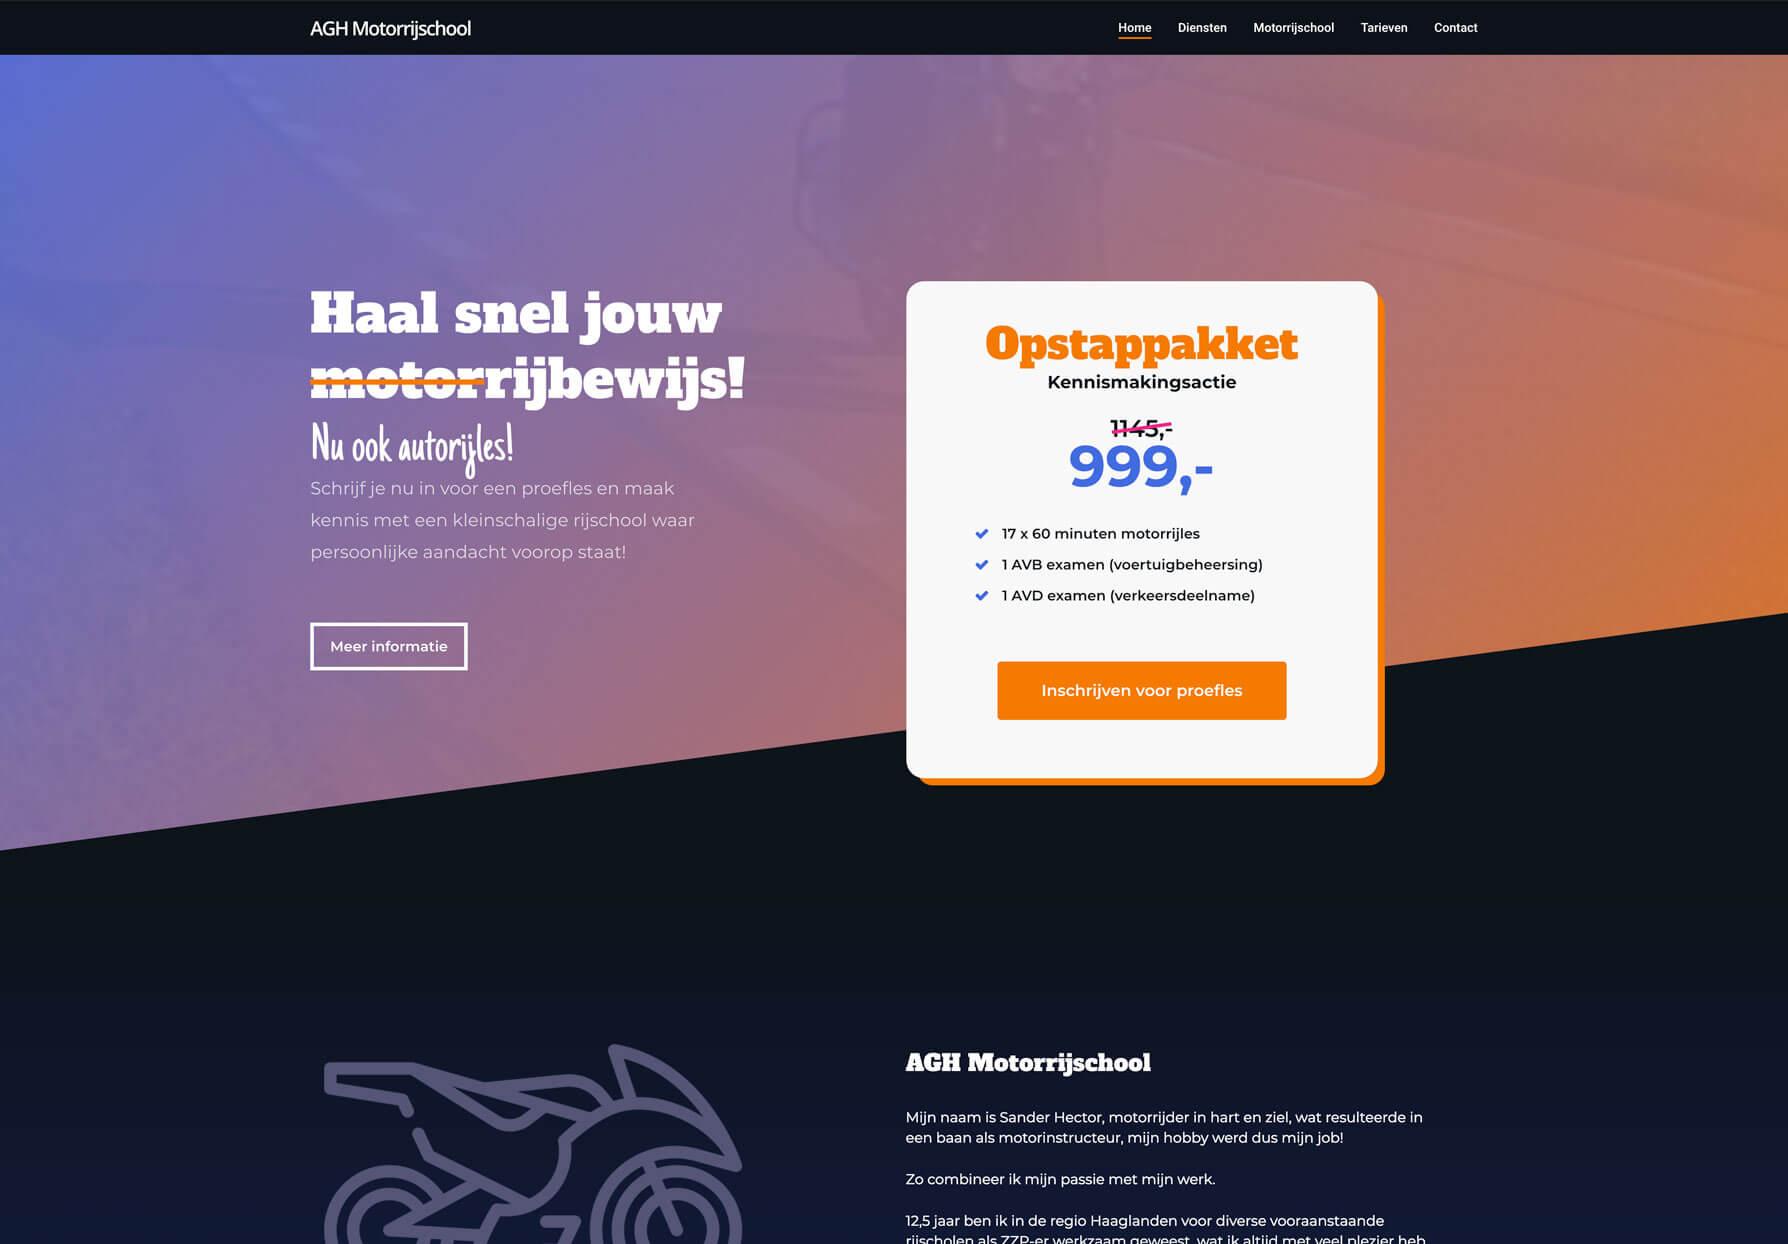 agh-homepage (1)